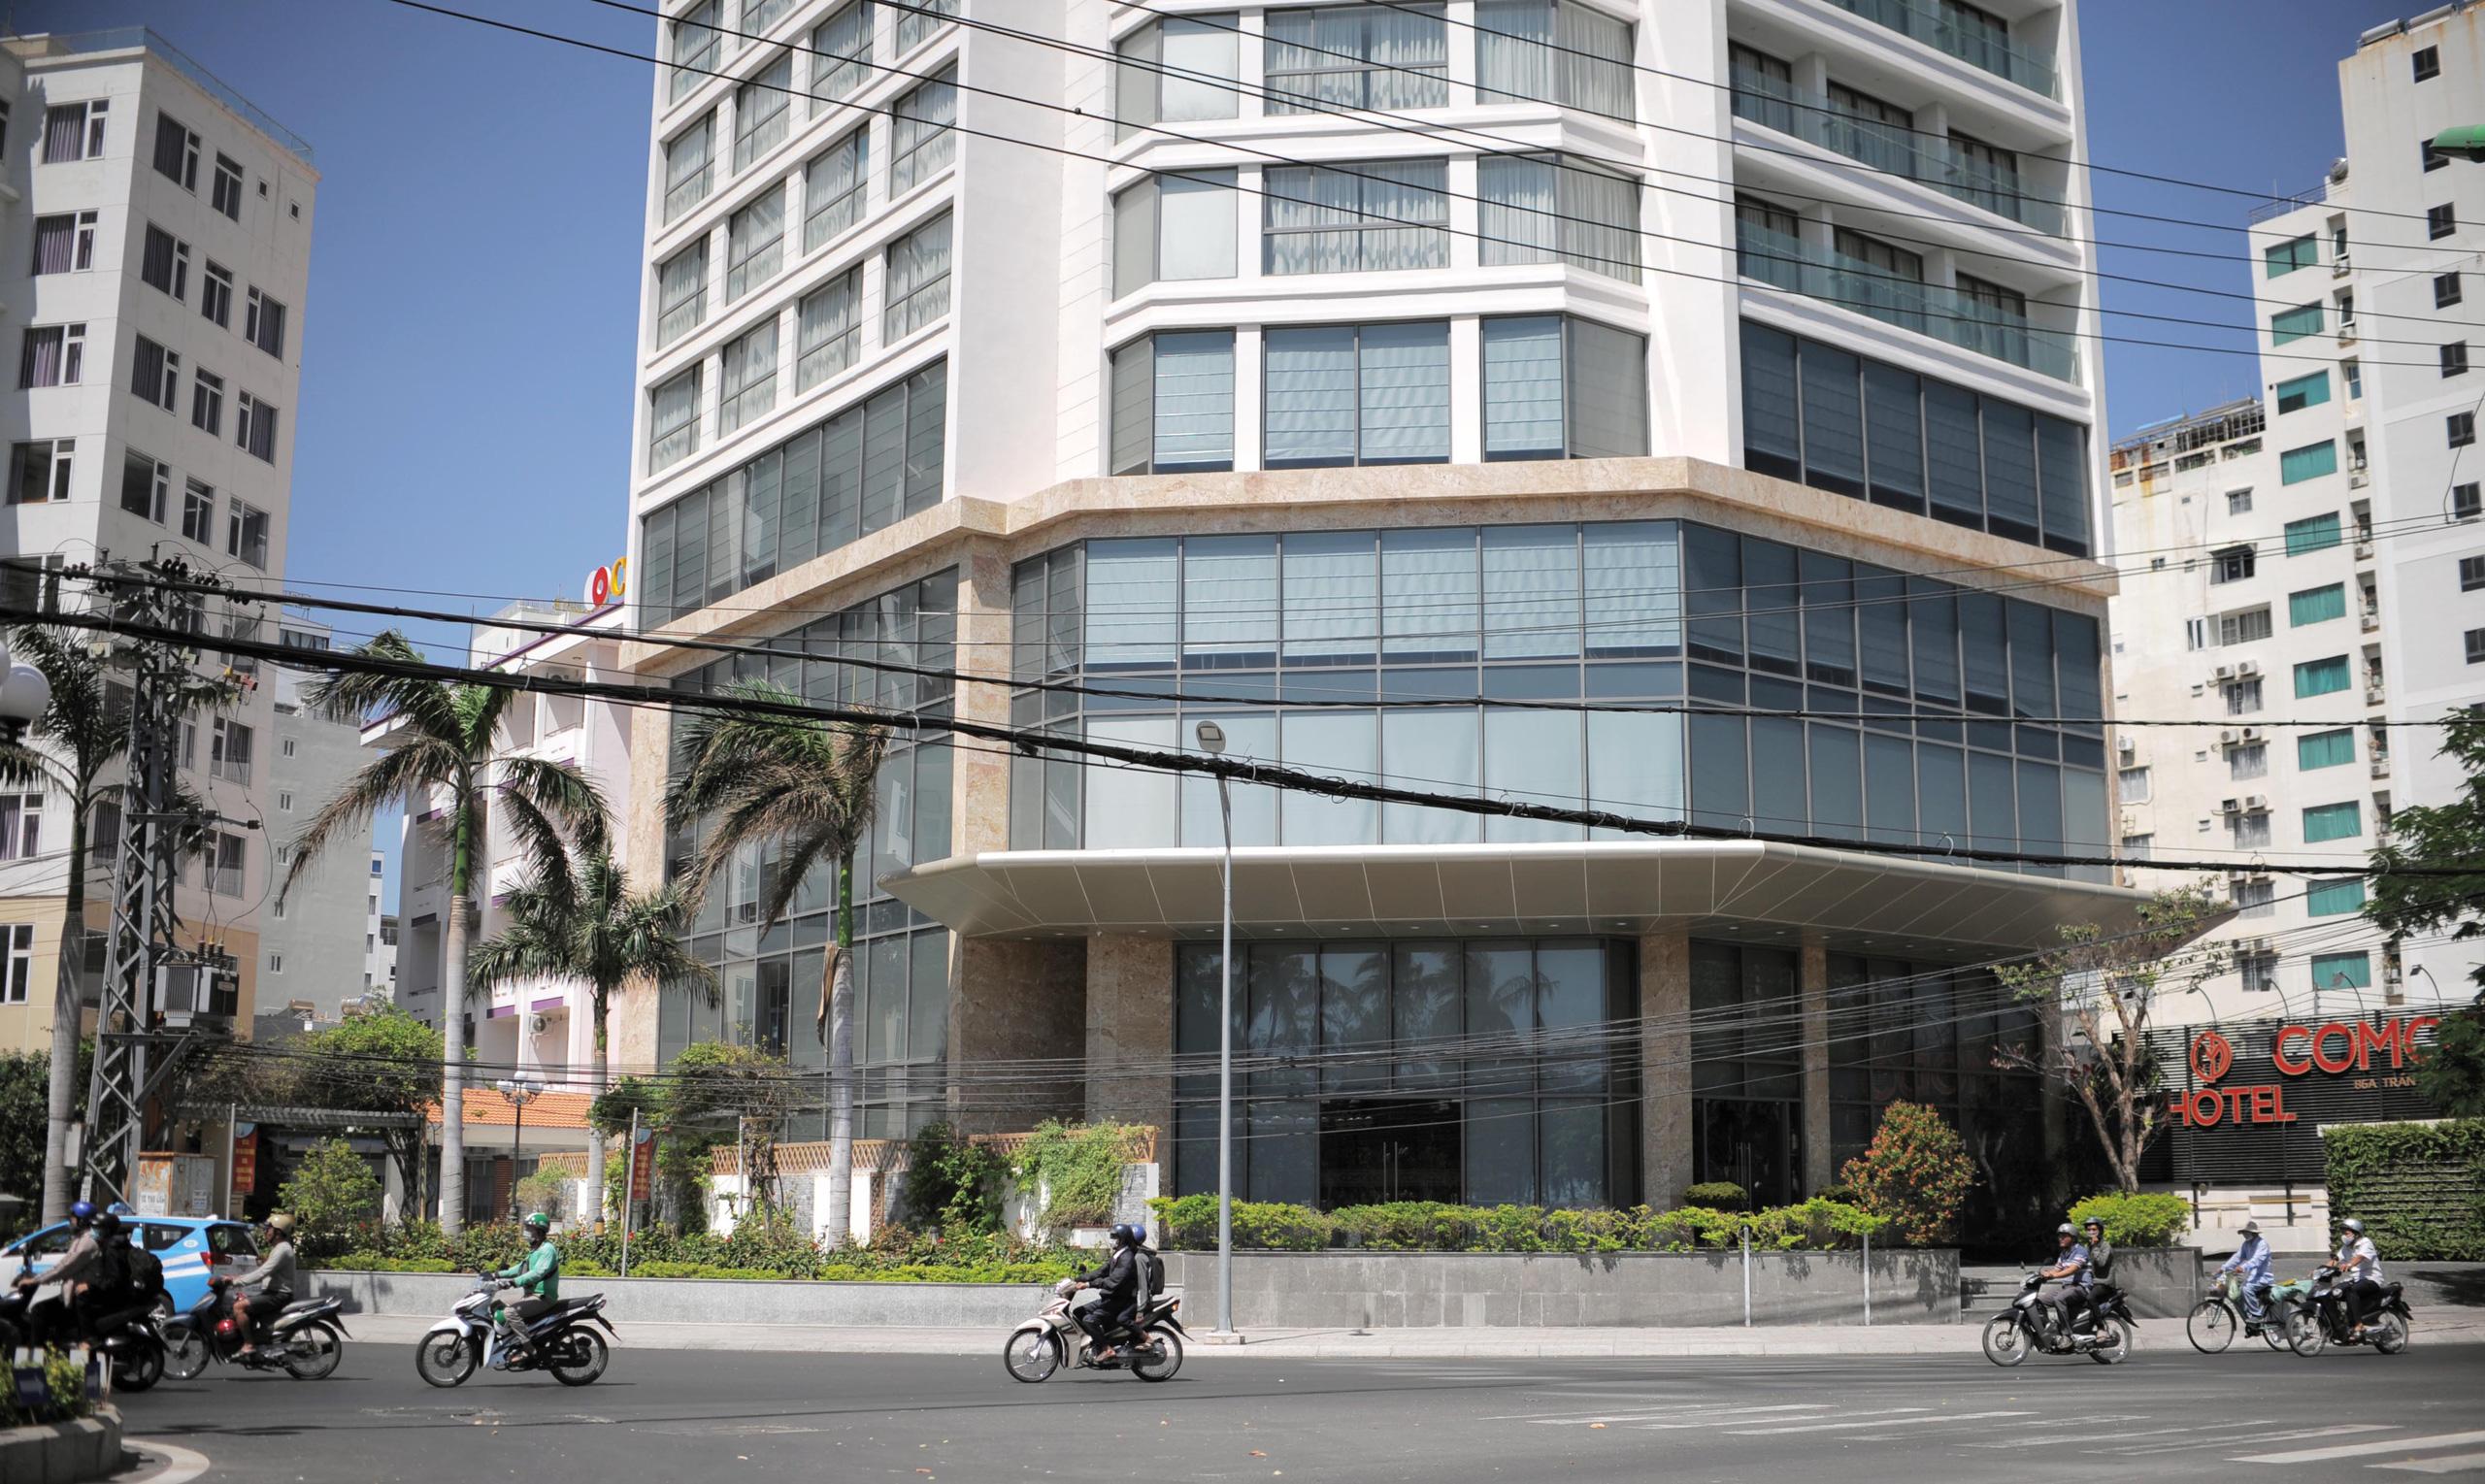 Khánh Hòa hơn 34.000 tỷ đồng dư nợ do ảnh hưởng bởi COVID-19 - Ảnh 1.